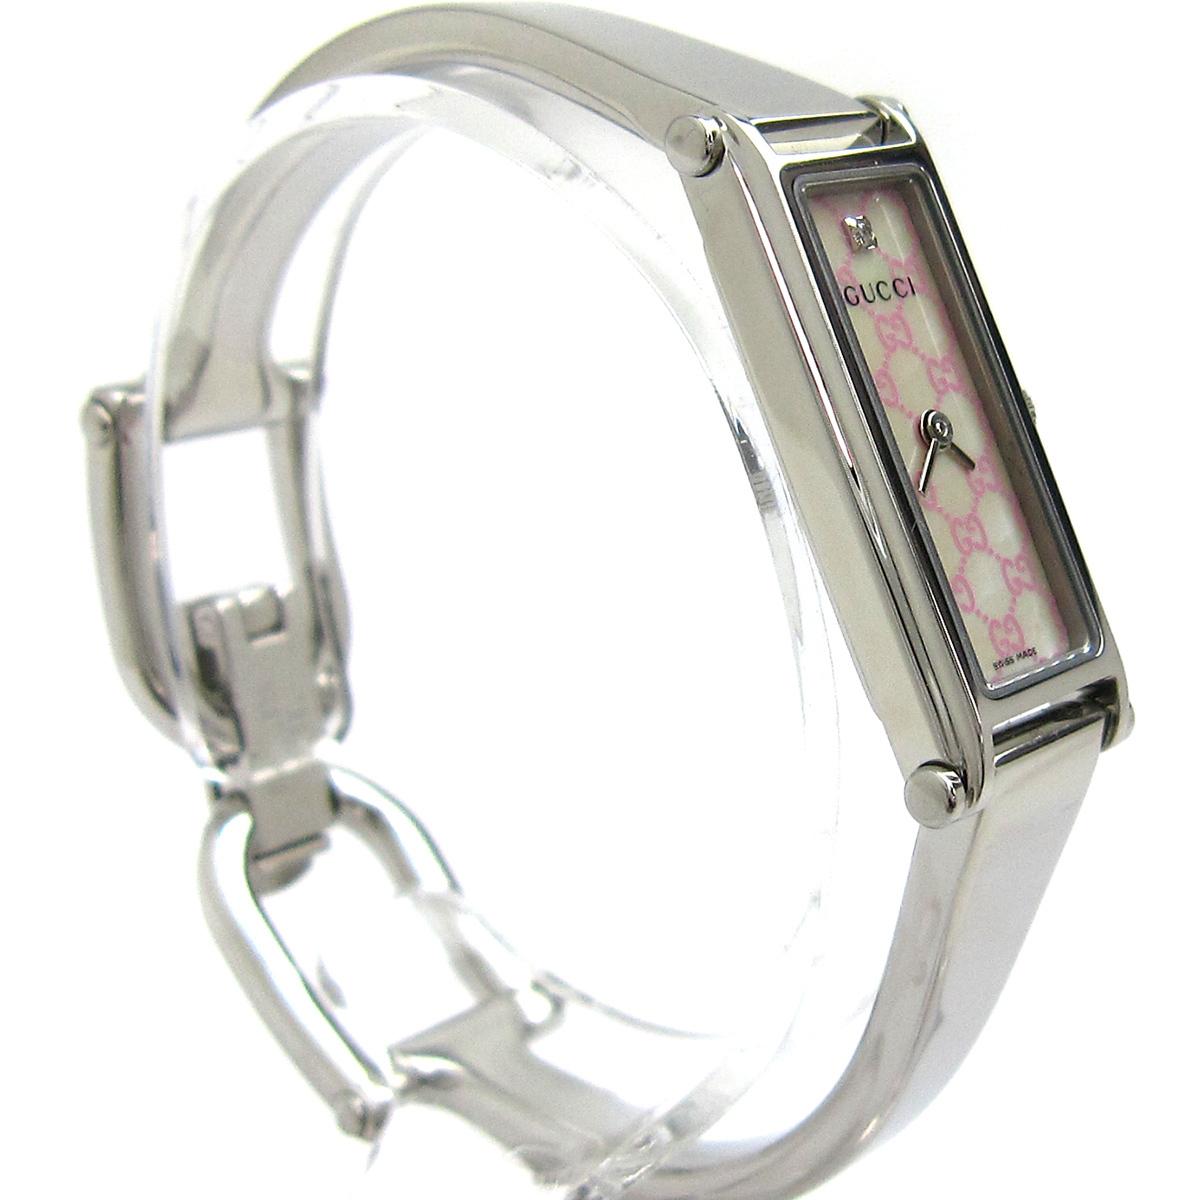 【1円良品】GUCCI グッチ 腕時計 1500L レディース ピンク シェル文字盤 1Pダイヤ スクエア 箱付き 可動品_画像5